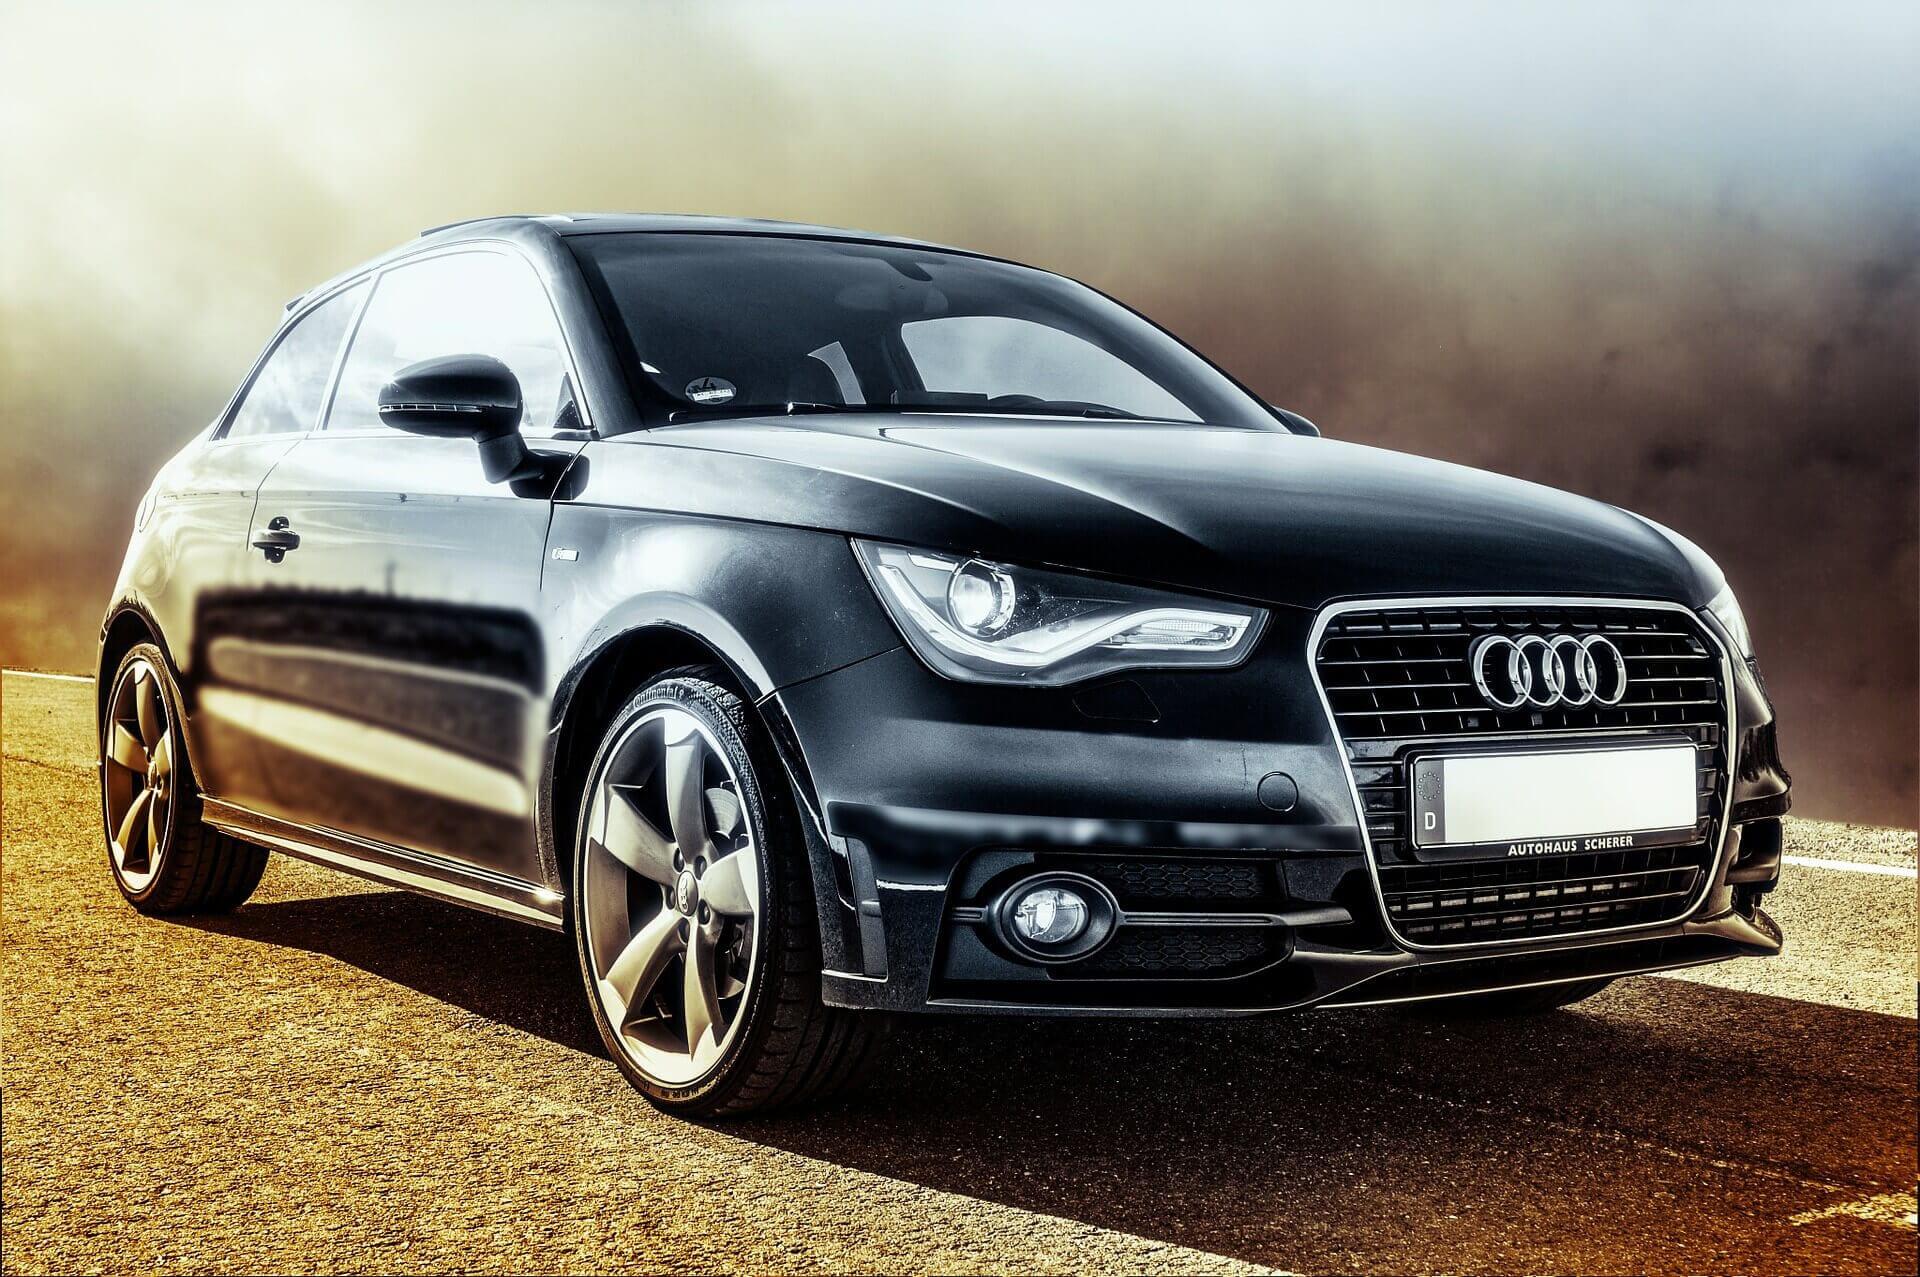 Dramatic photograph of an black Audi car.